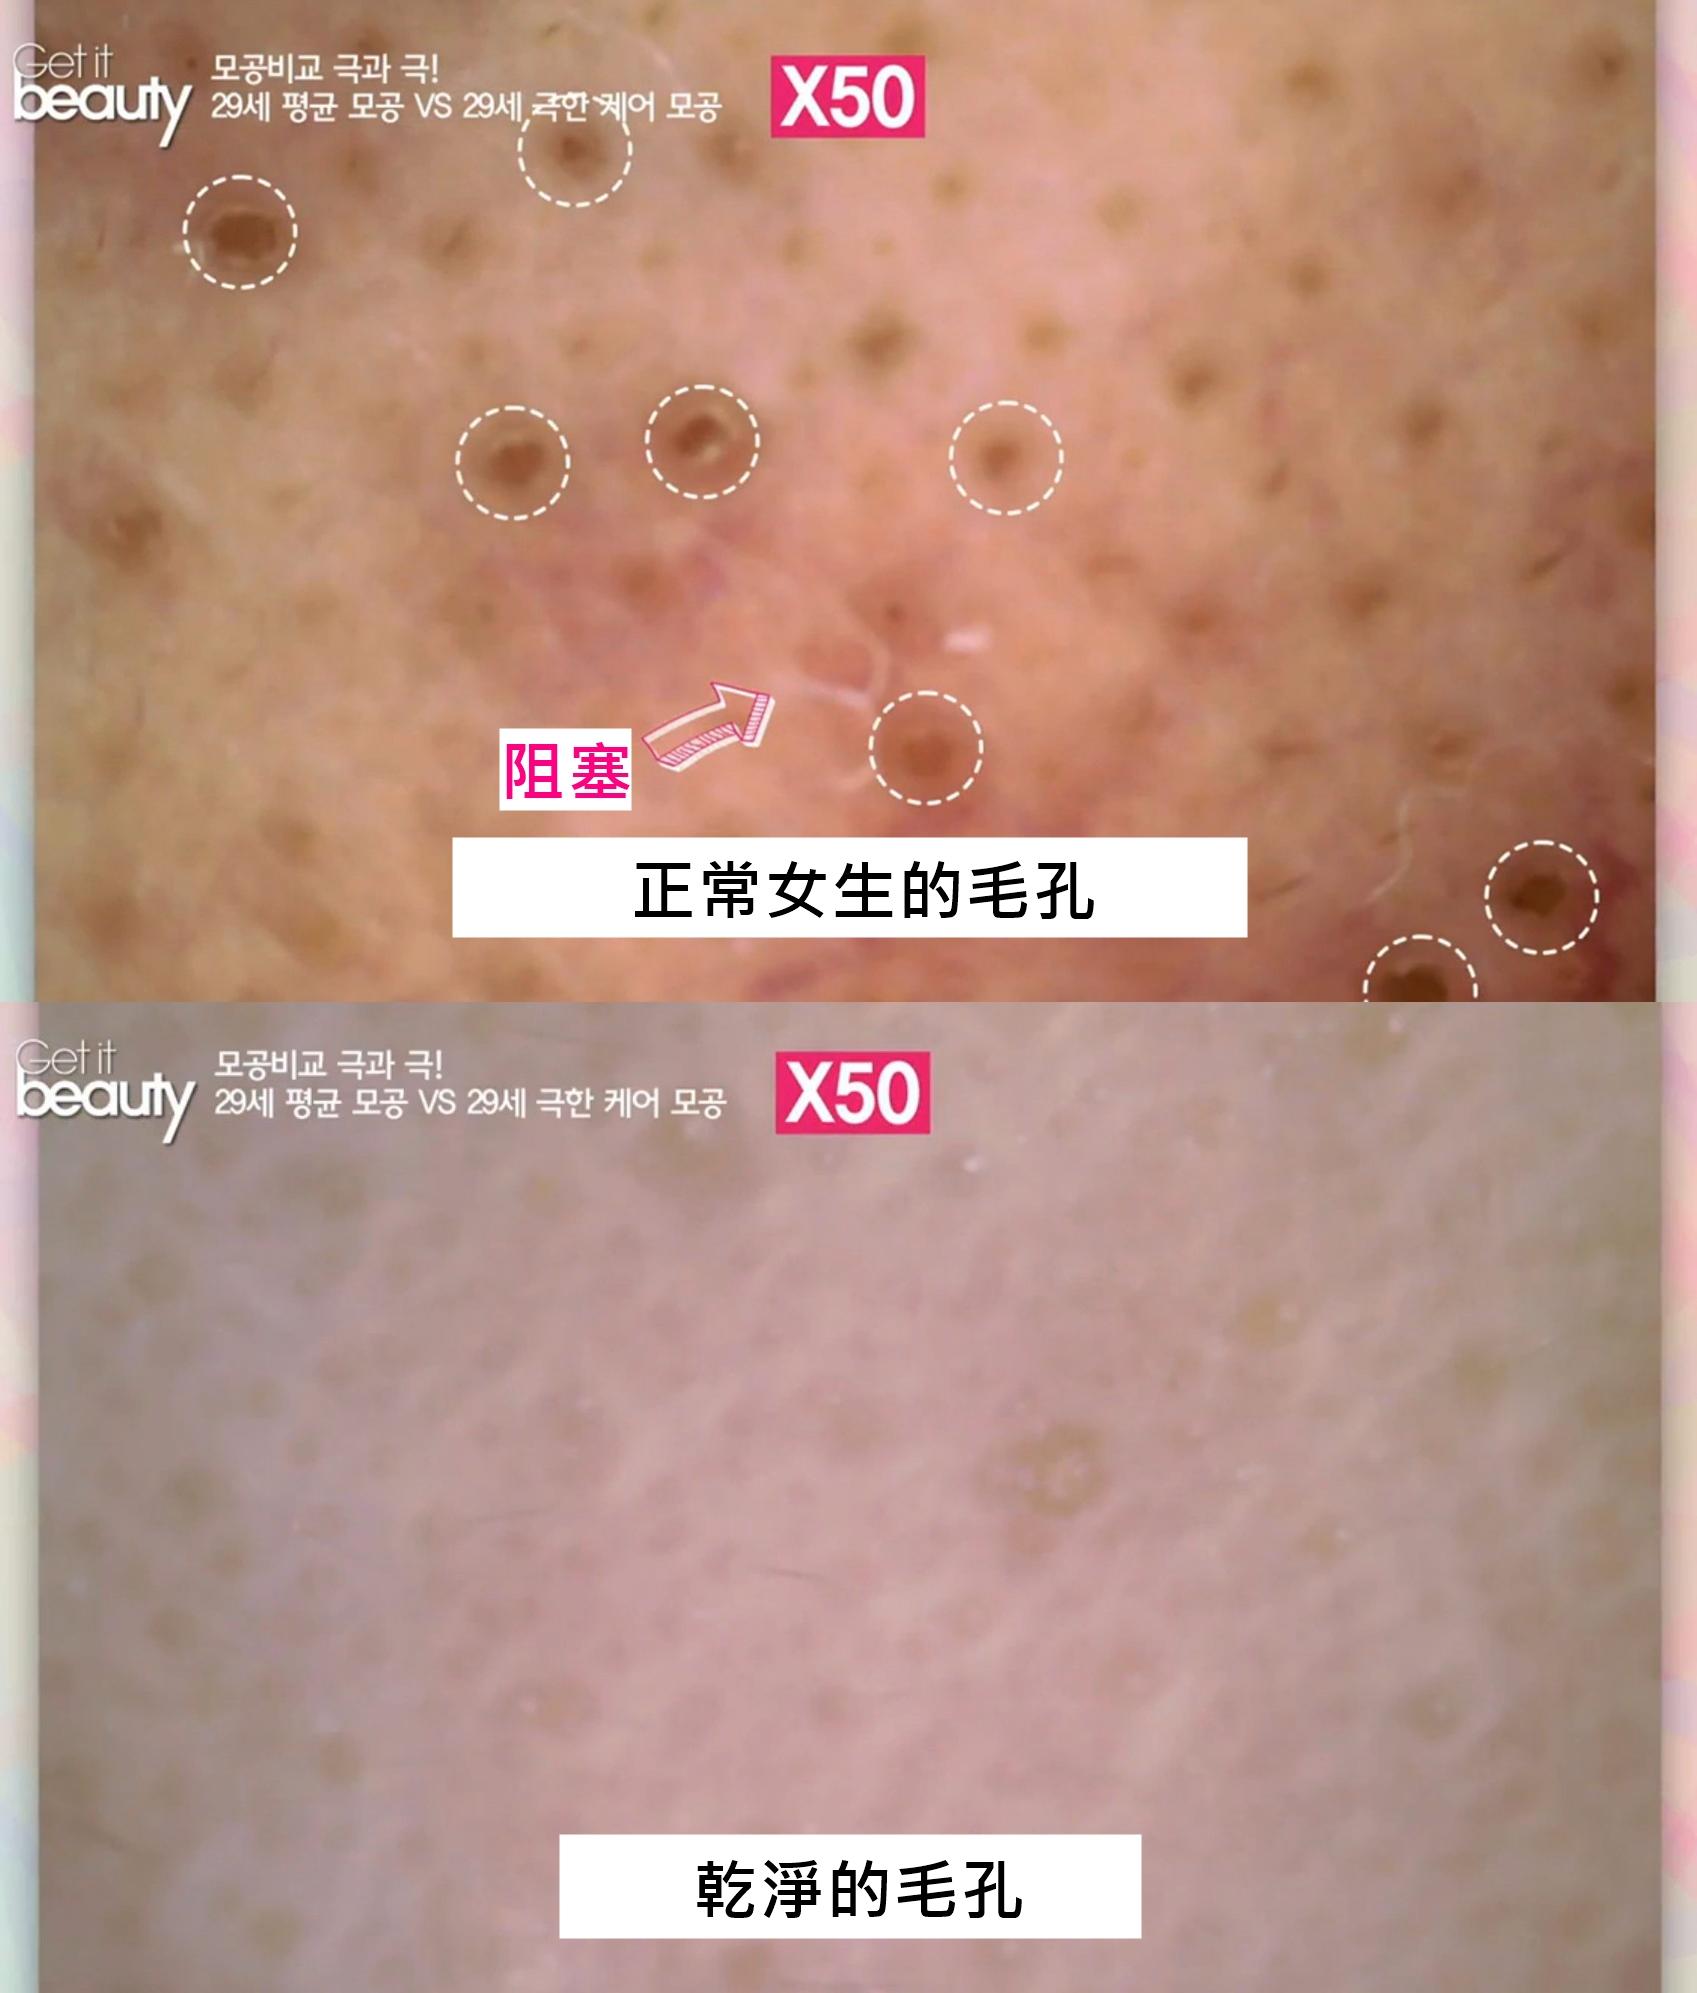 近看果然超級嚇人啊~~~ 一般女生的毛孔有黑色素與髒汙阻塞,但是另一位幾乎沒有毛孔,就算有也是非常乾淨的狀況,連主持人都驚呼的完美肌膚!